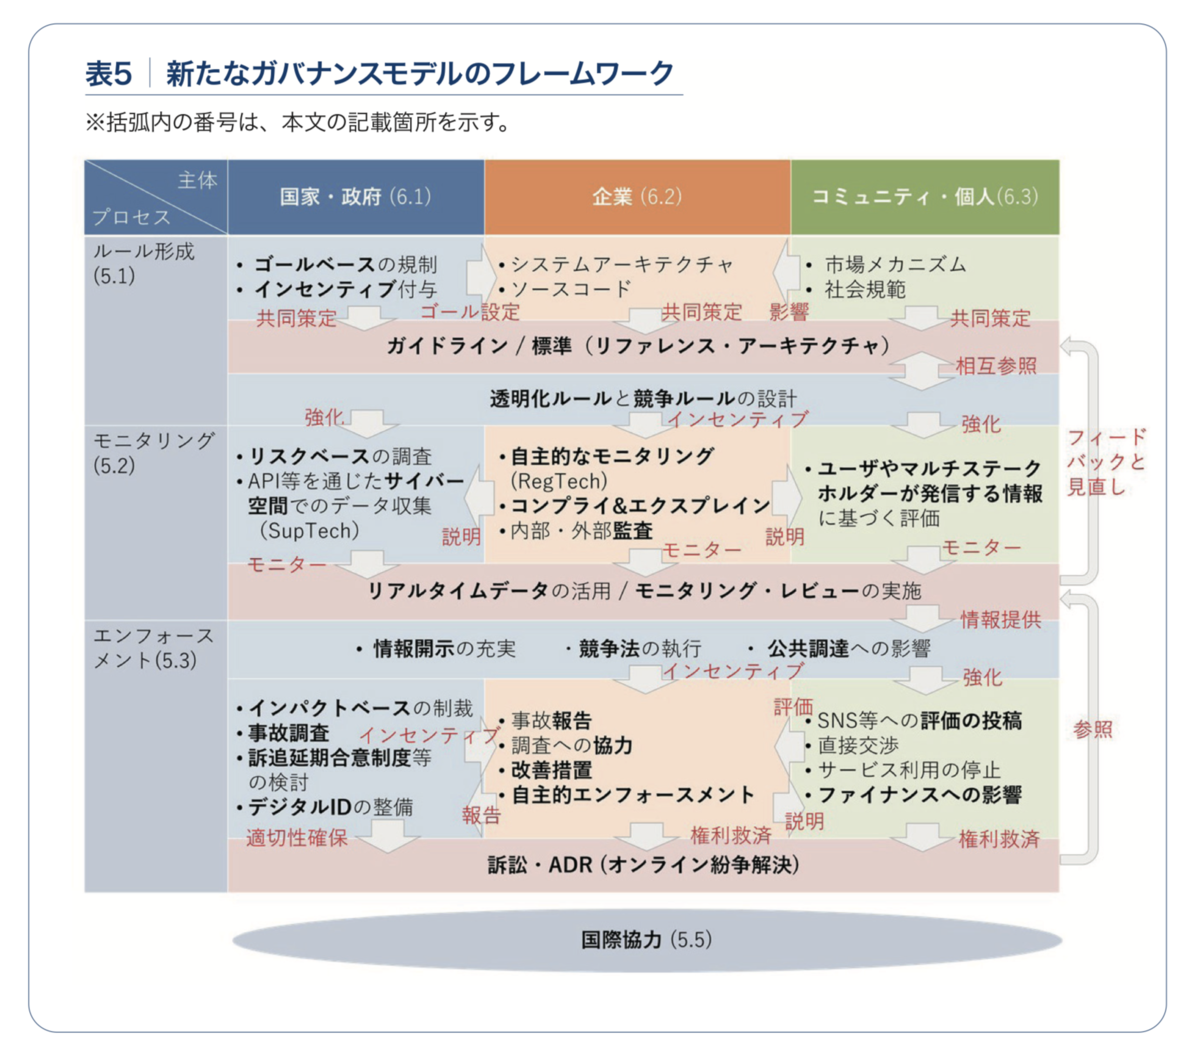 f:id:itotanu:20200120214431p:plain